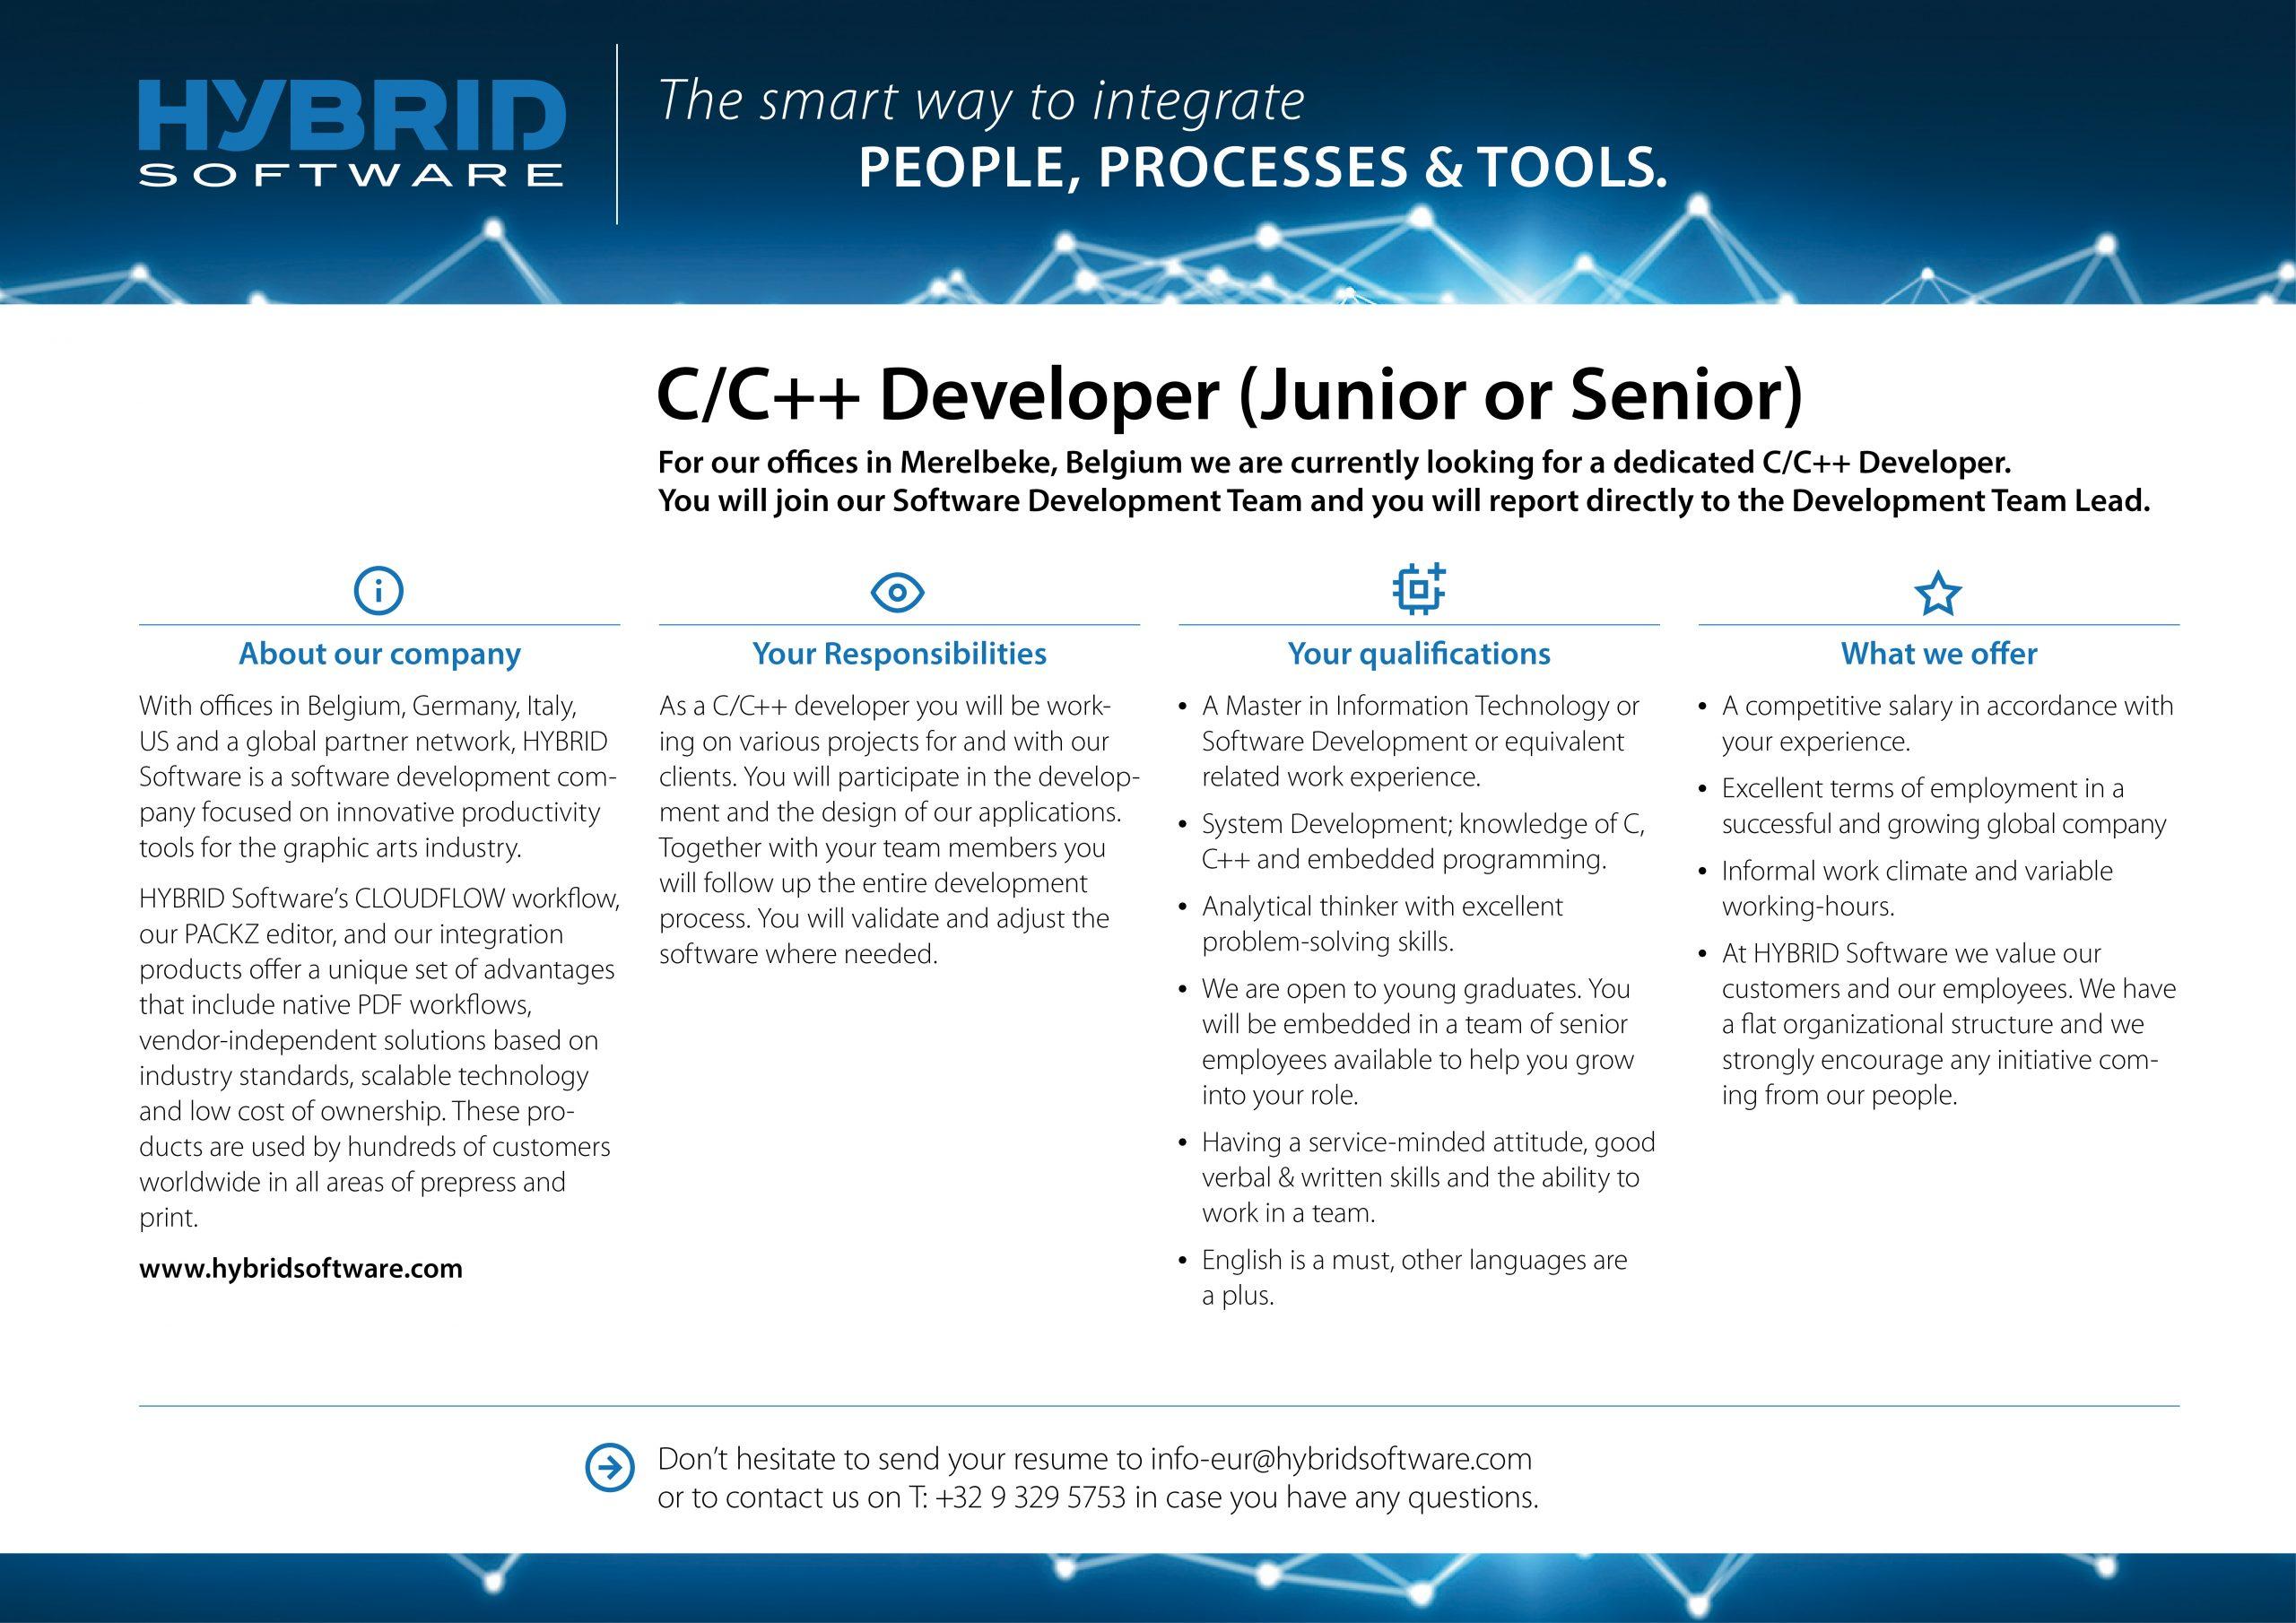 HYBRID Software Job C/C++ Developer (Junior or Senior)